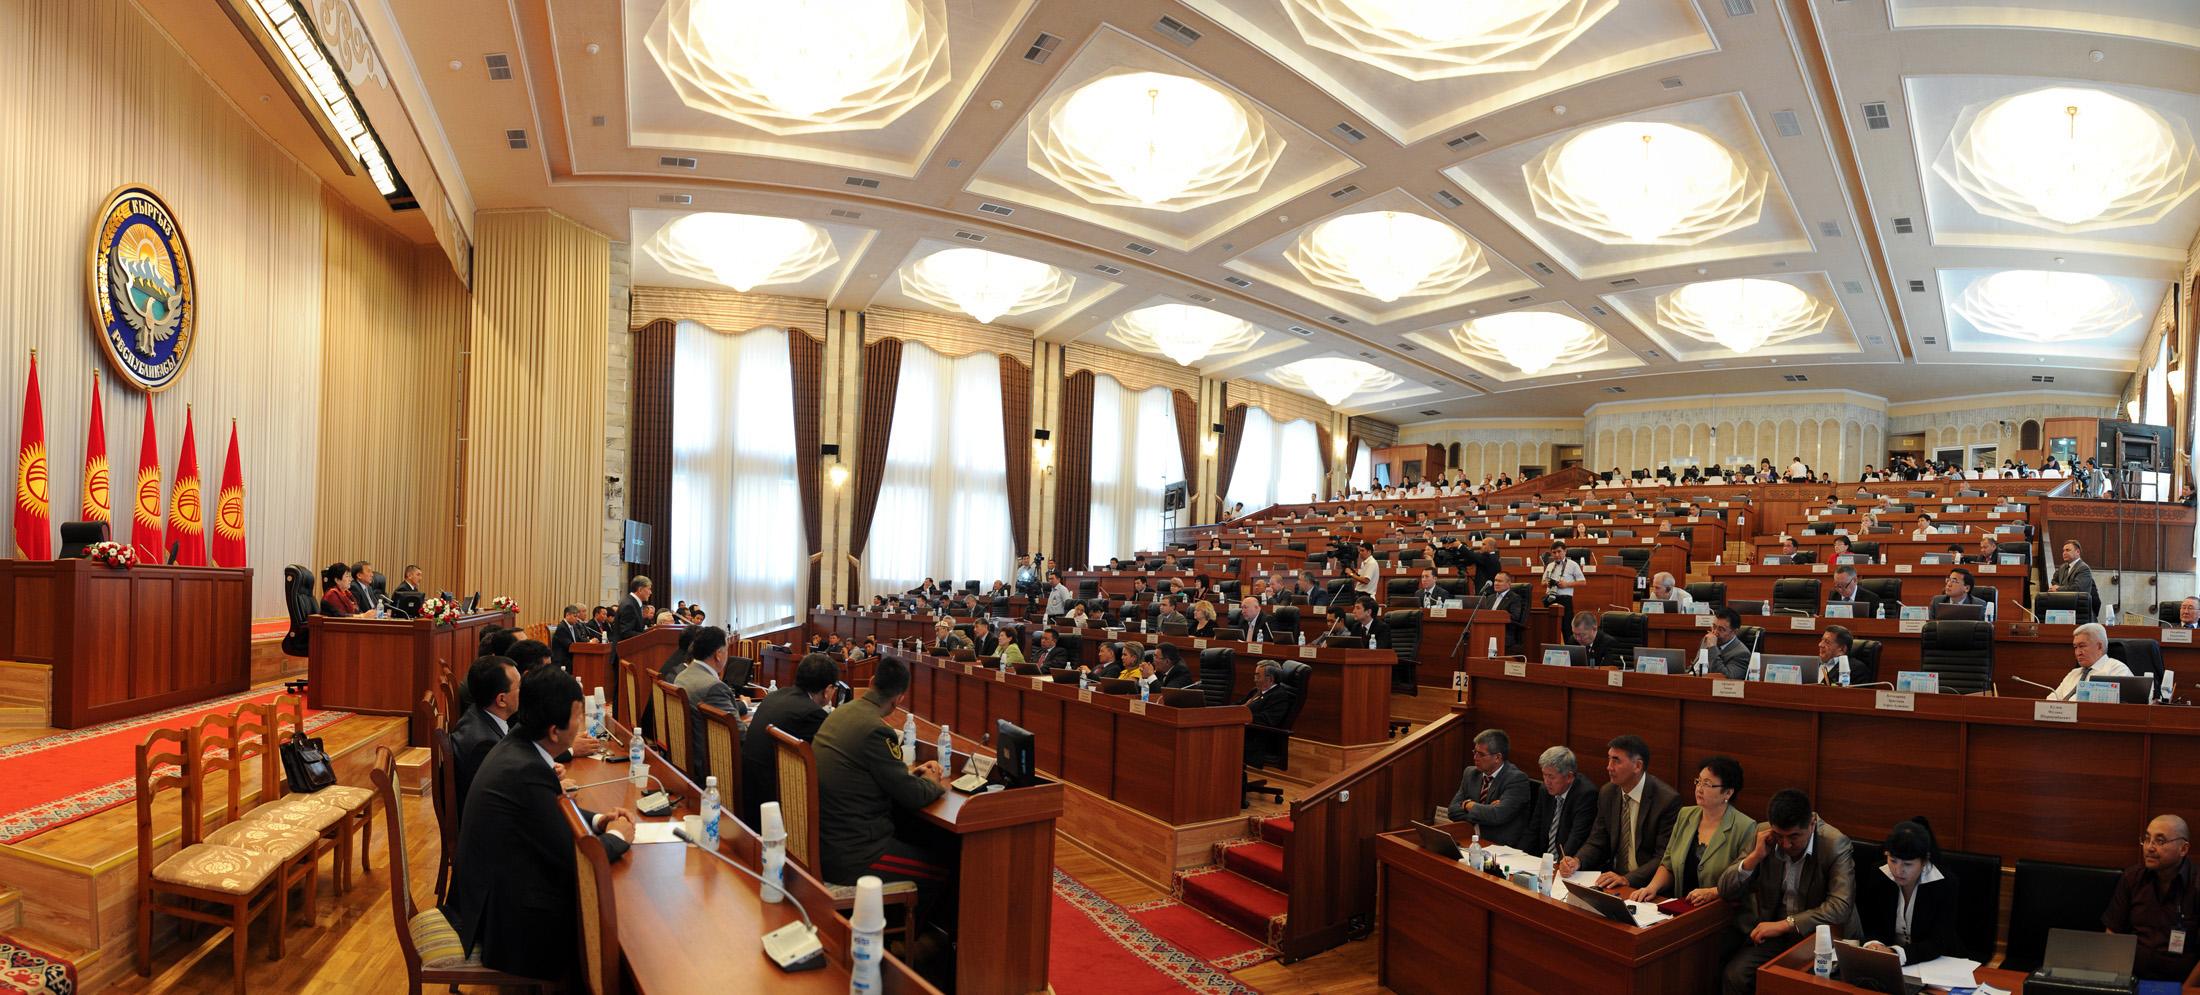 Картинки по запросу жогорку кенеш кыргызстан